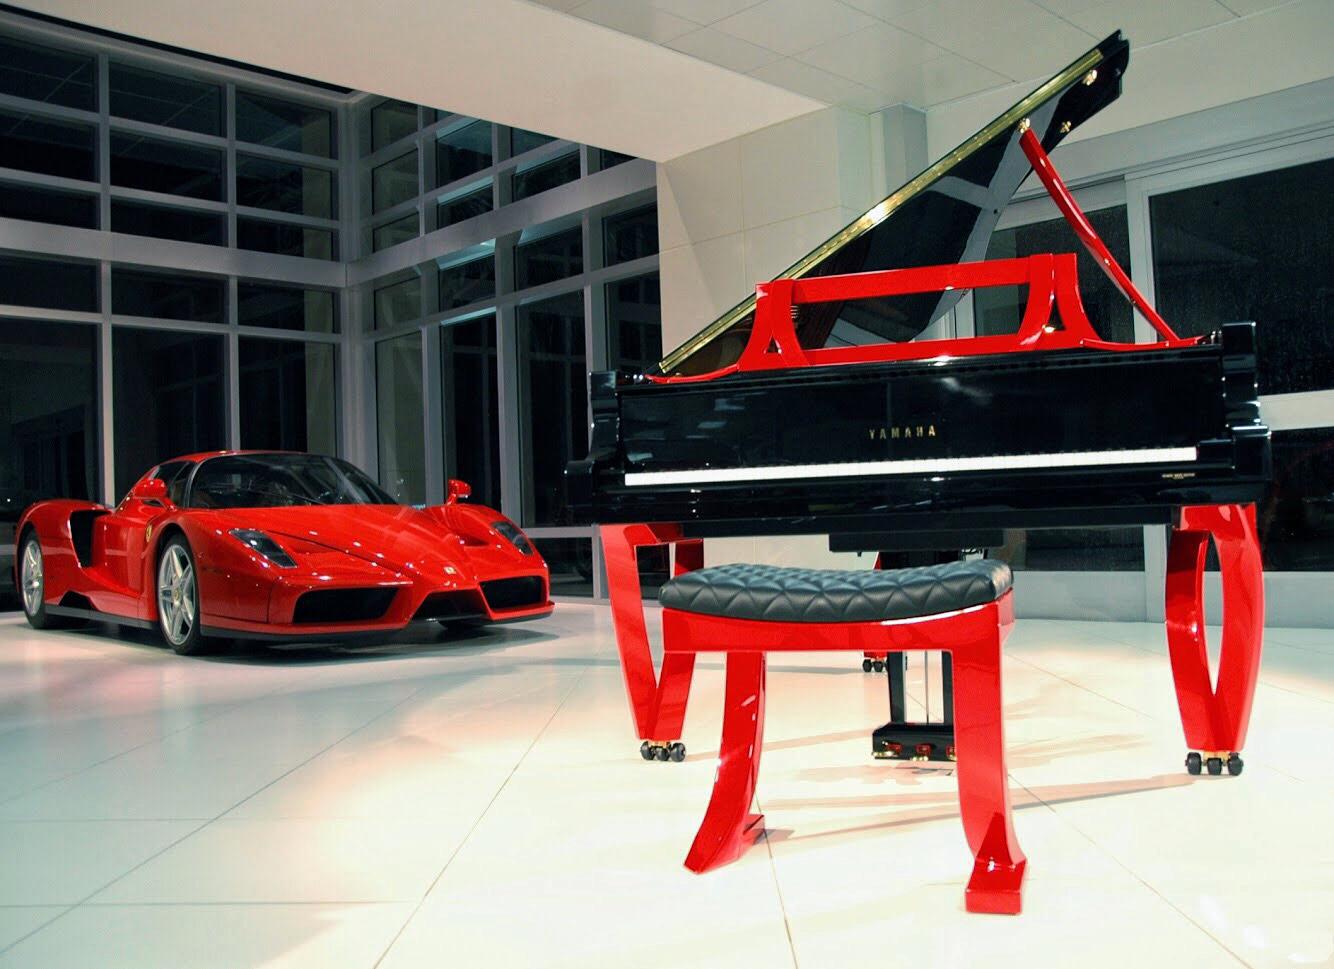 Grand Rossa - Ferrari design